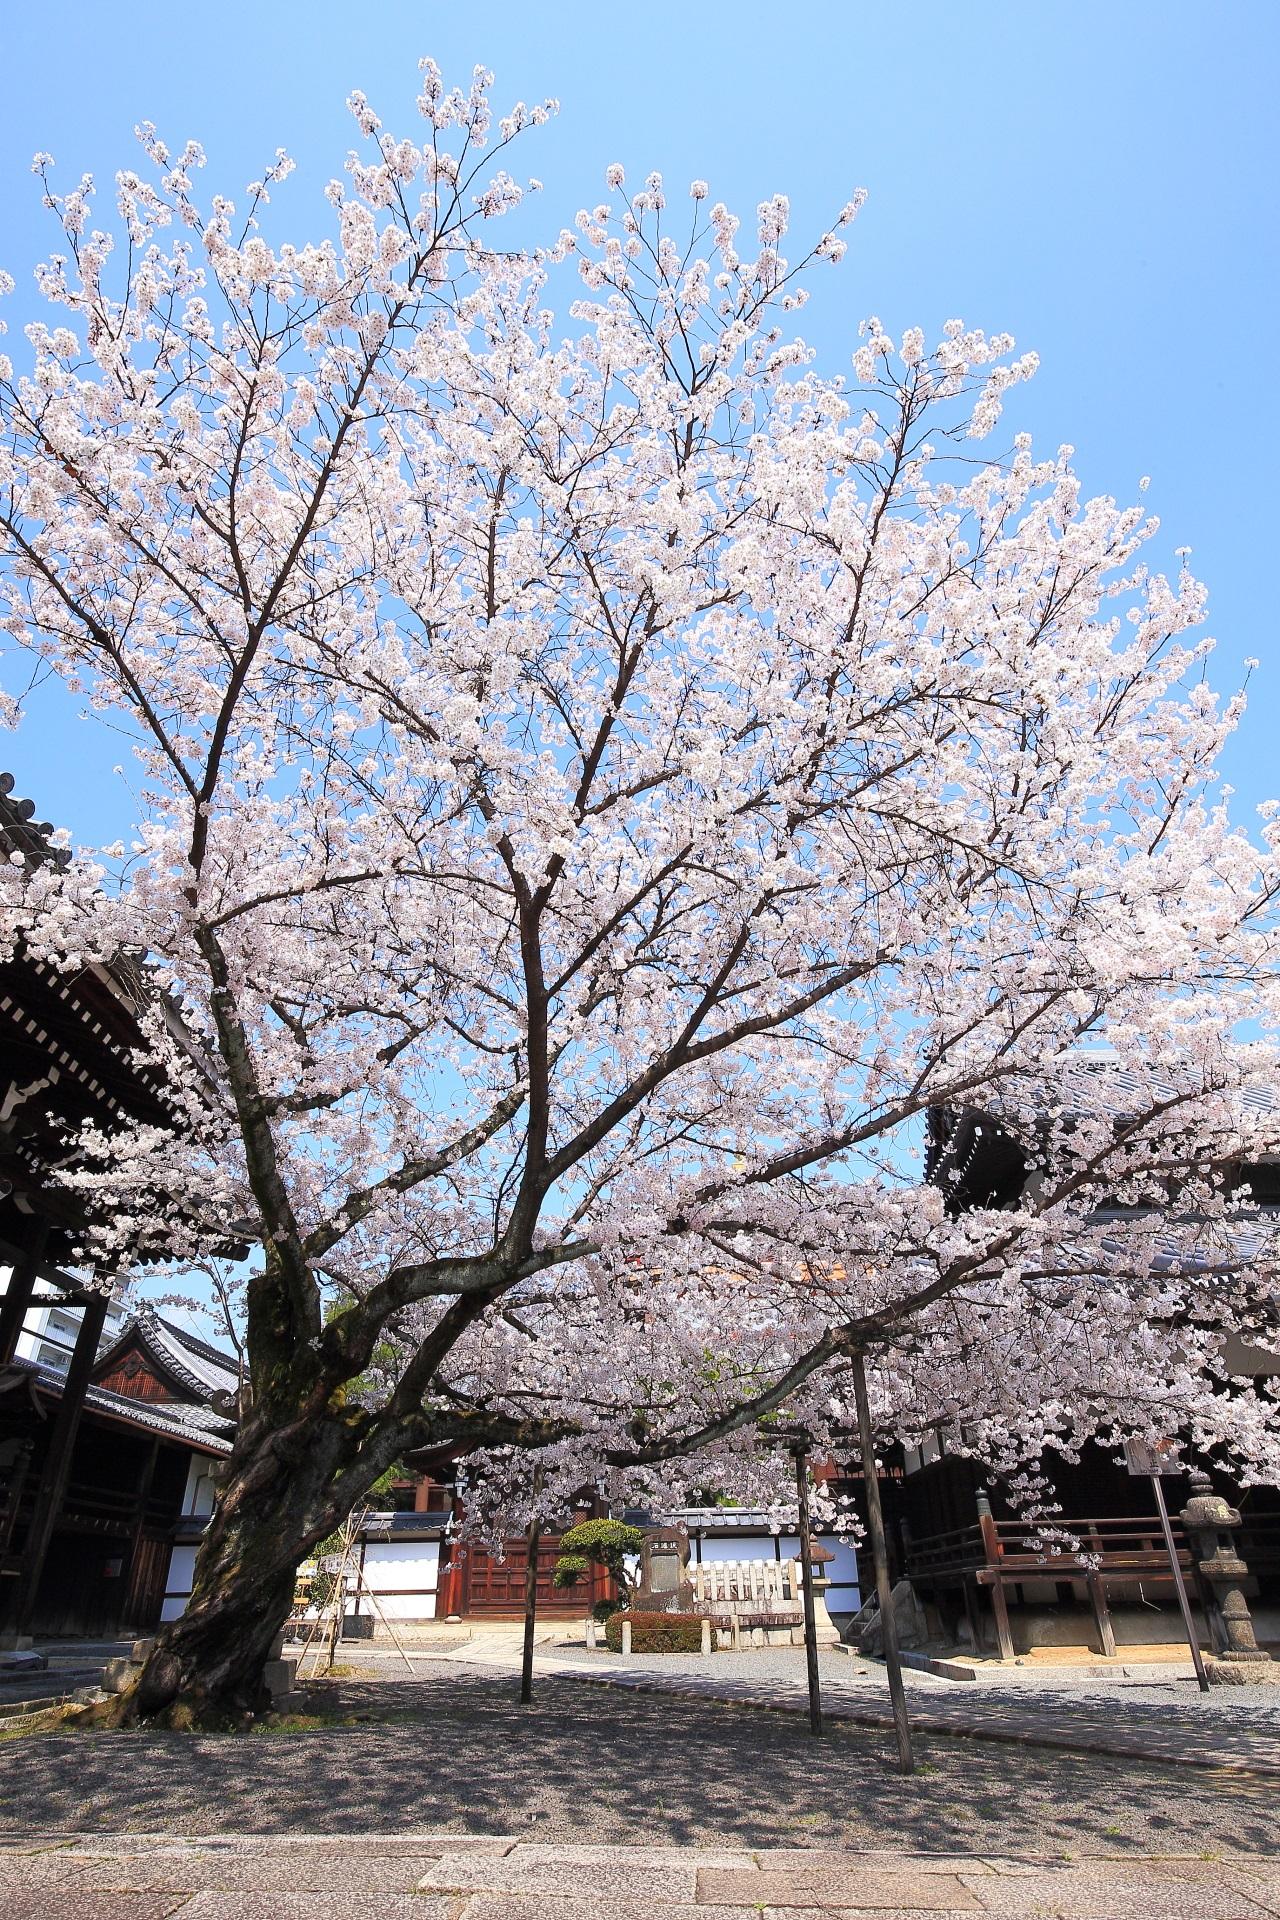 本法寺の素晴らしすぎる桜と春の情景